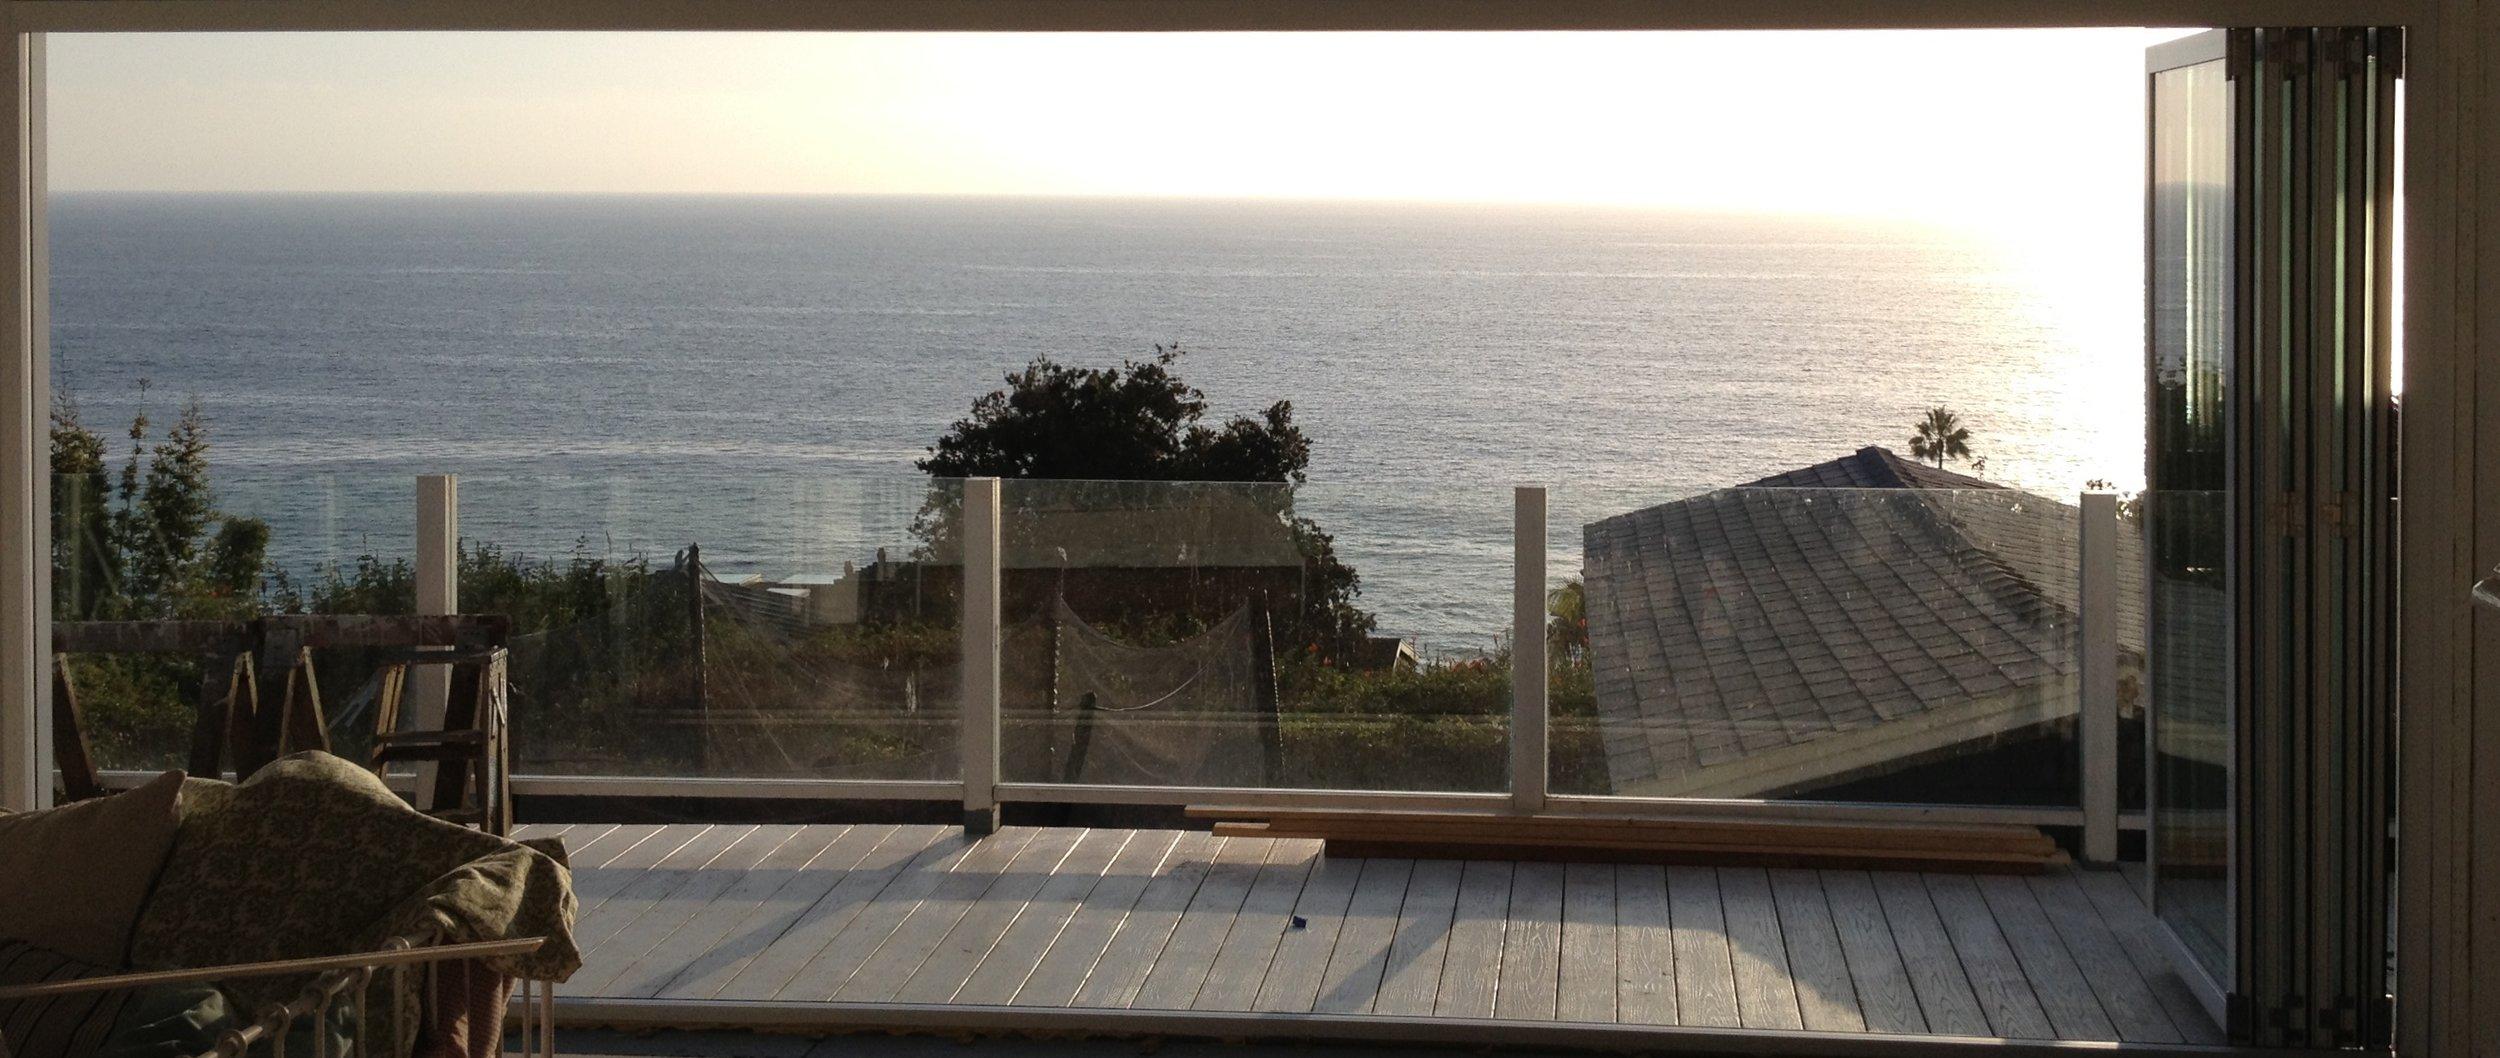 6 Panel LaCantina Folding Door - 9th Street, Laguna Beach, Ca.